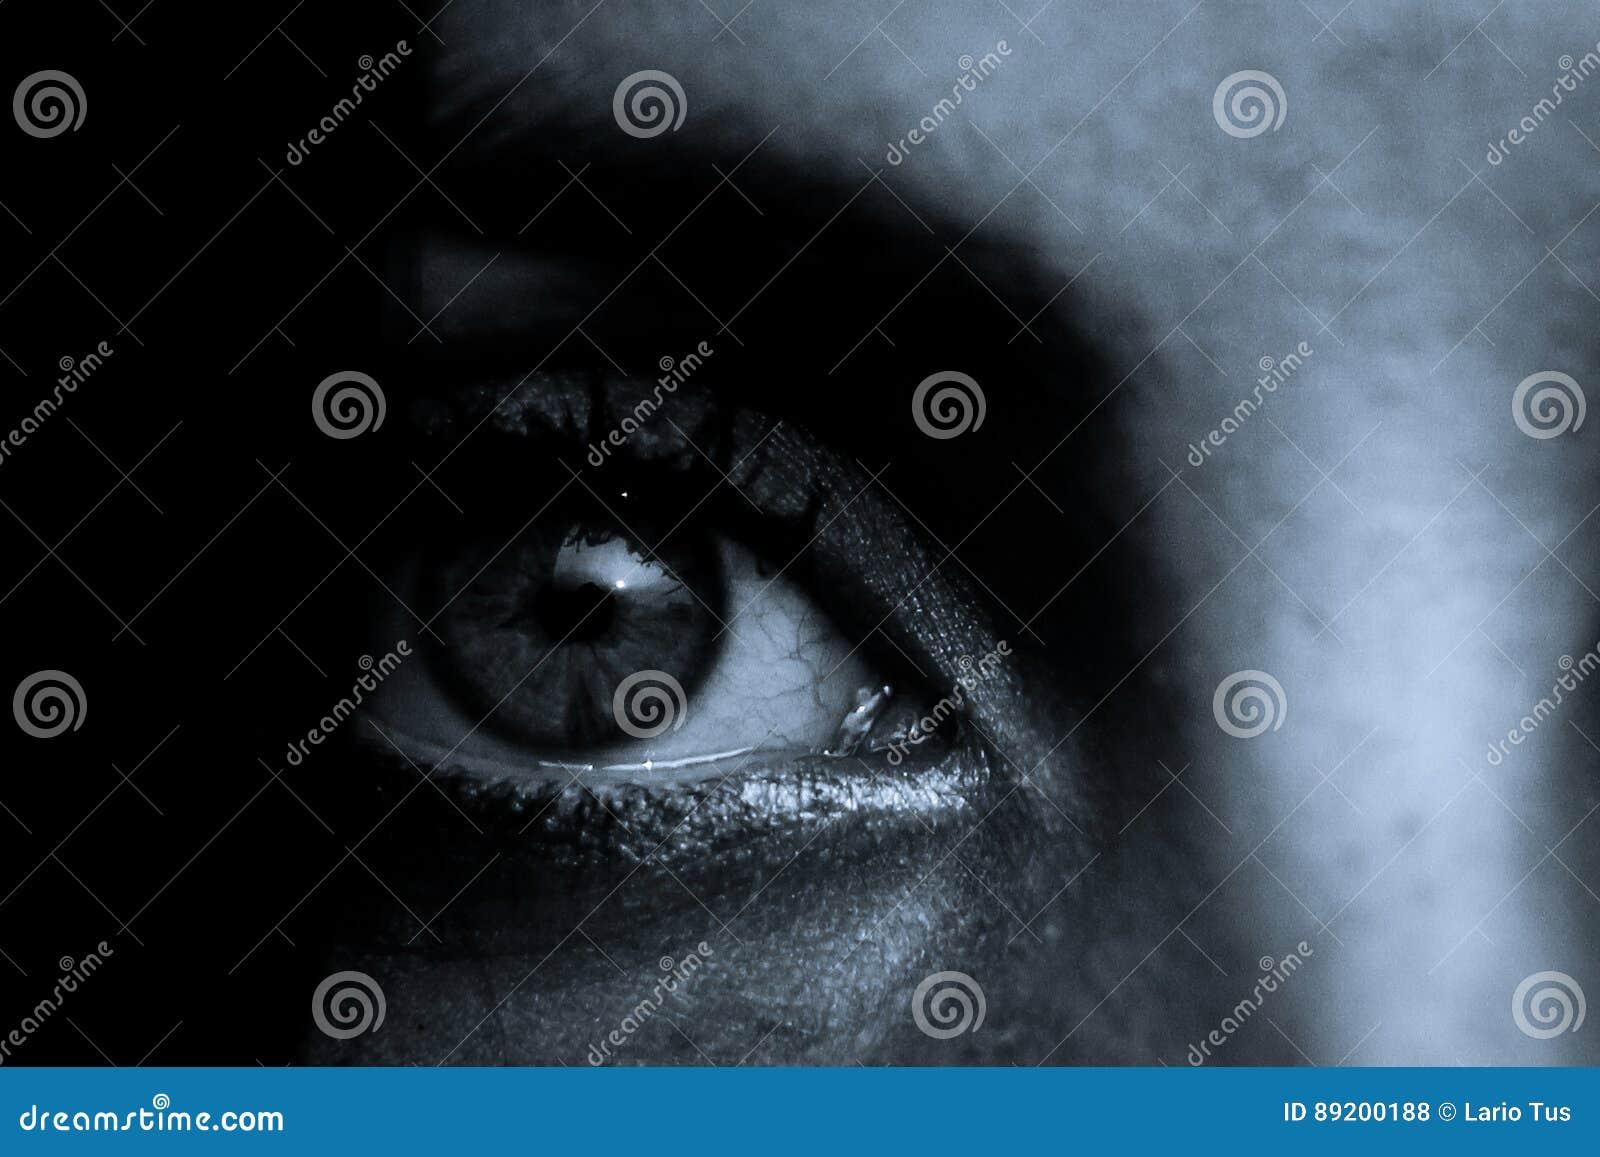 Verschrikkingsscène: Vrouwelijke oogleerling